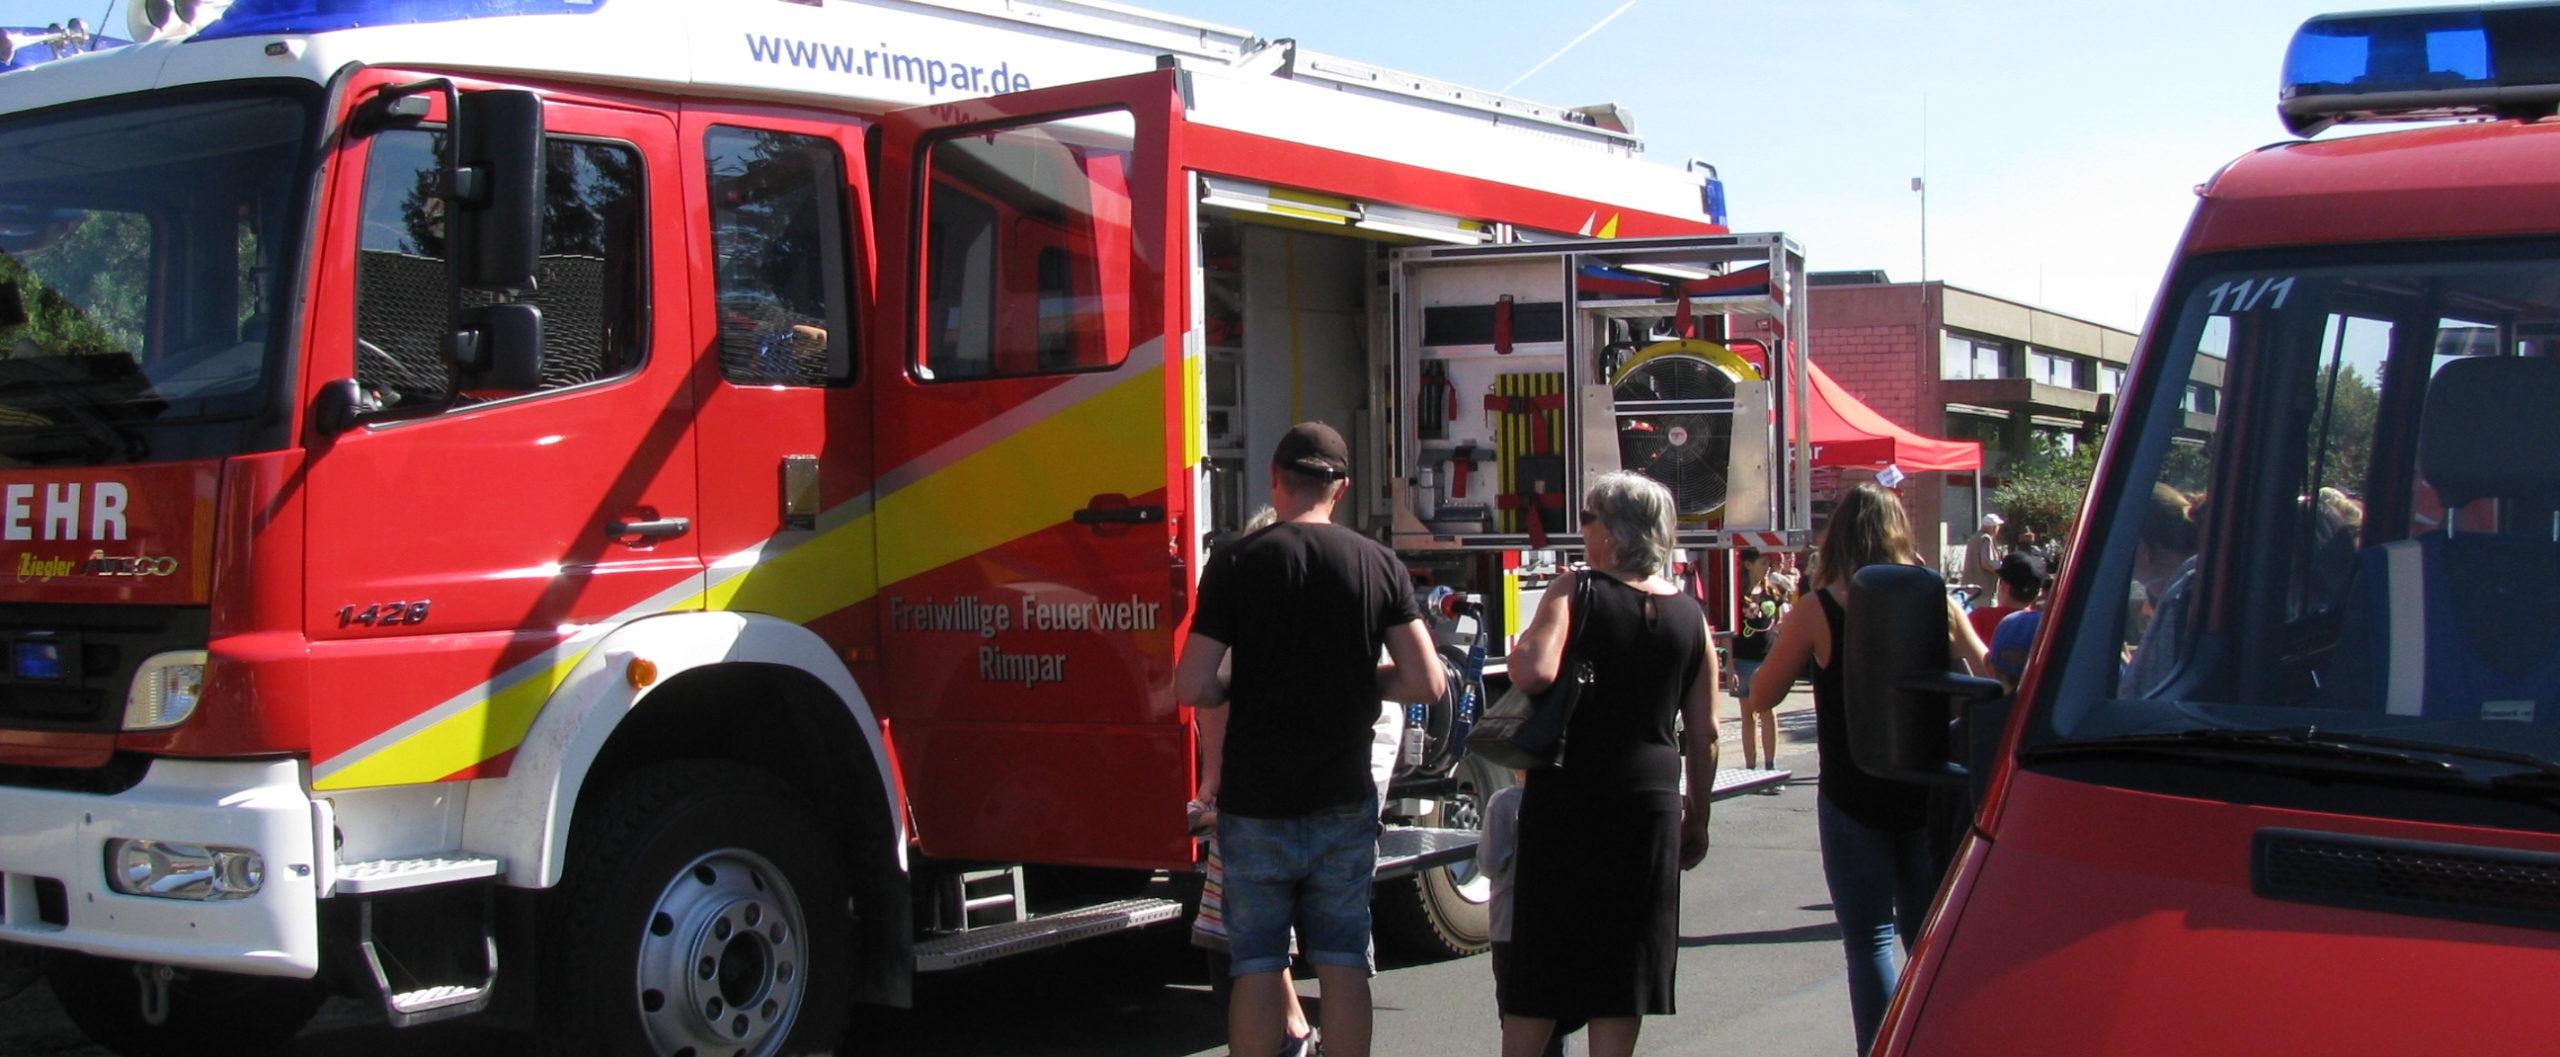 Feuerwehrfahrzeuge beim Tag der offenen Türe